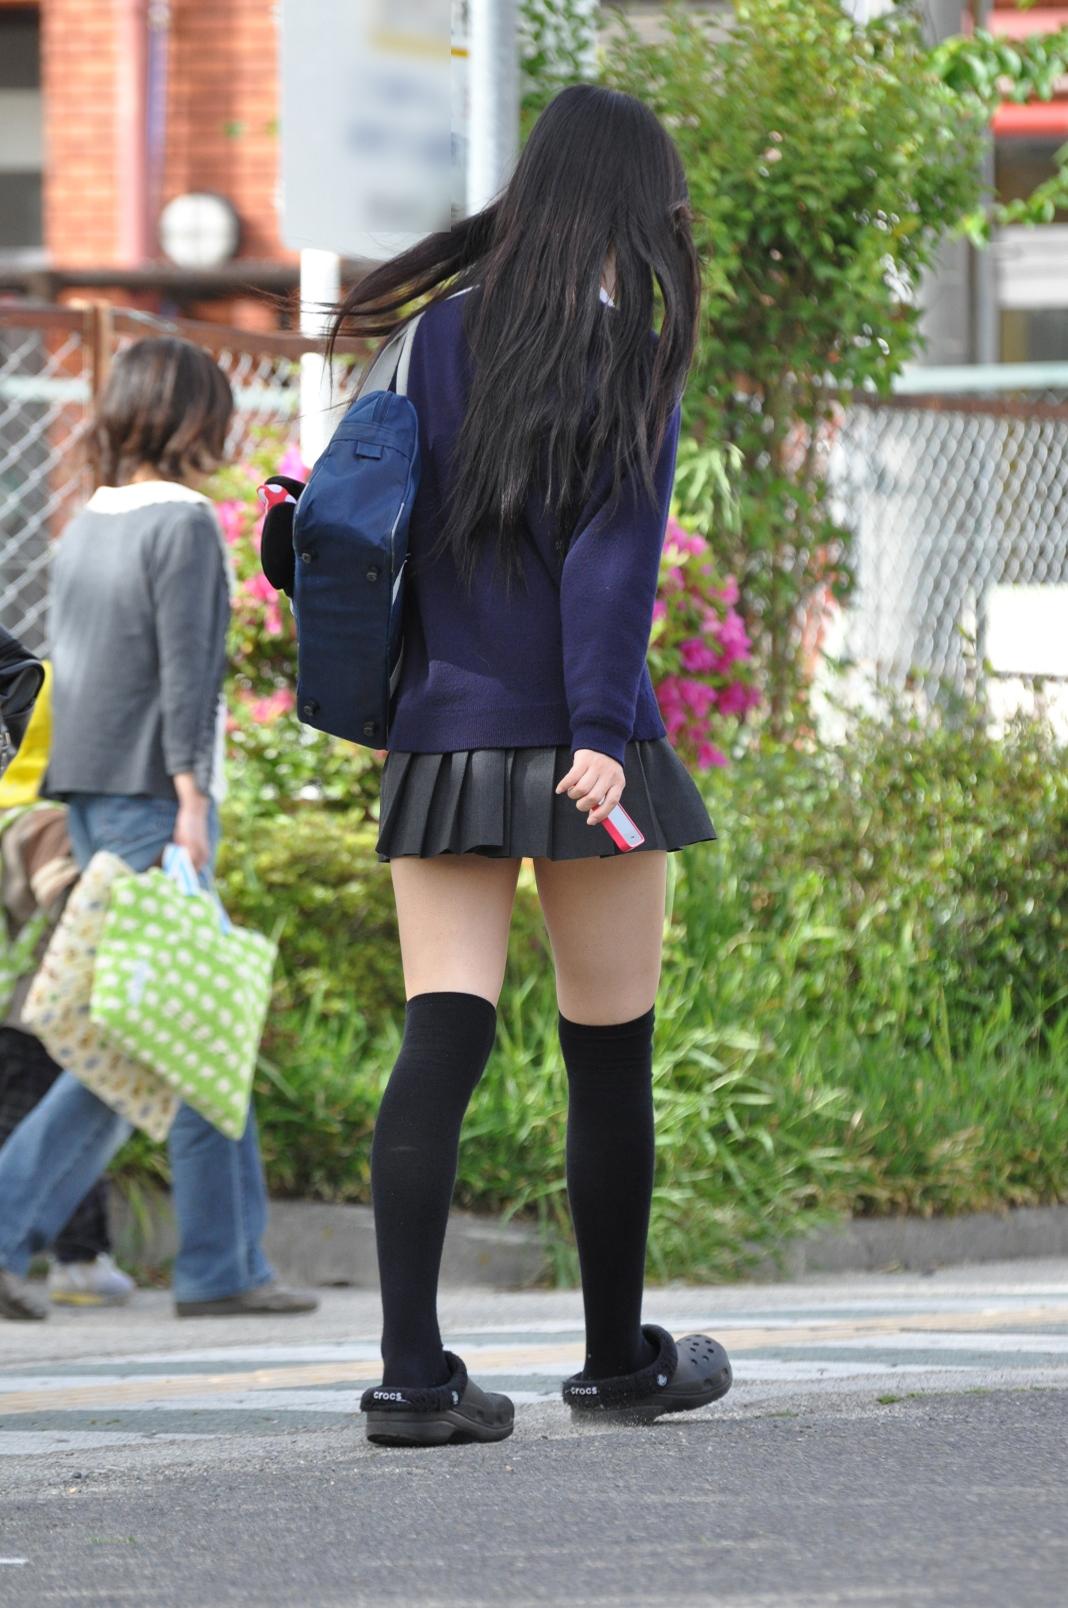 【JK街撮り画像】パンチラの前に重視すべきwww制服女子の健康的にムチムチした太股 19